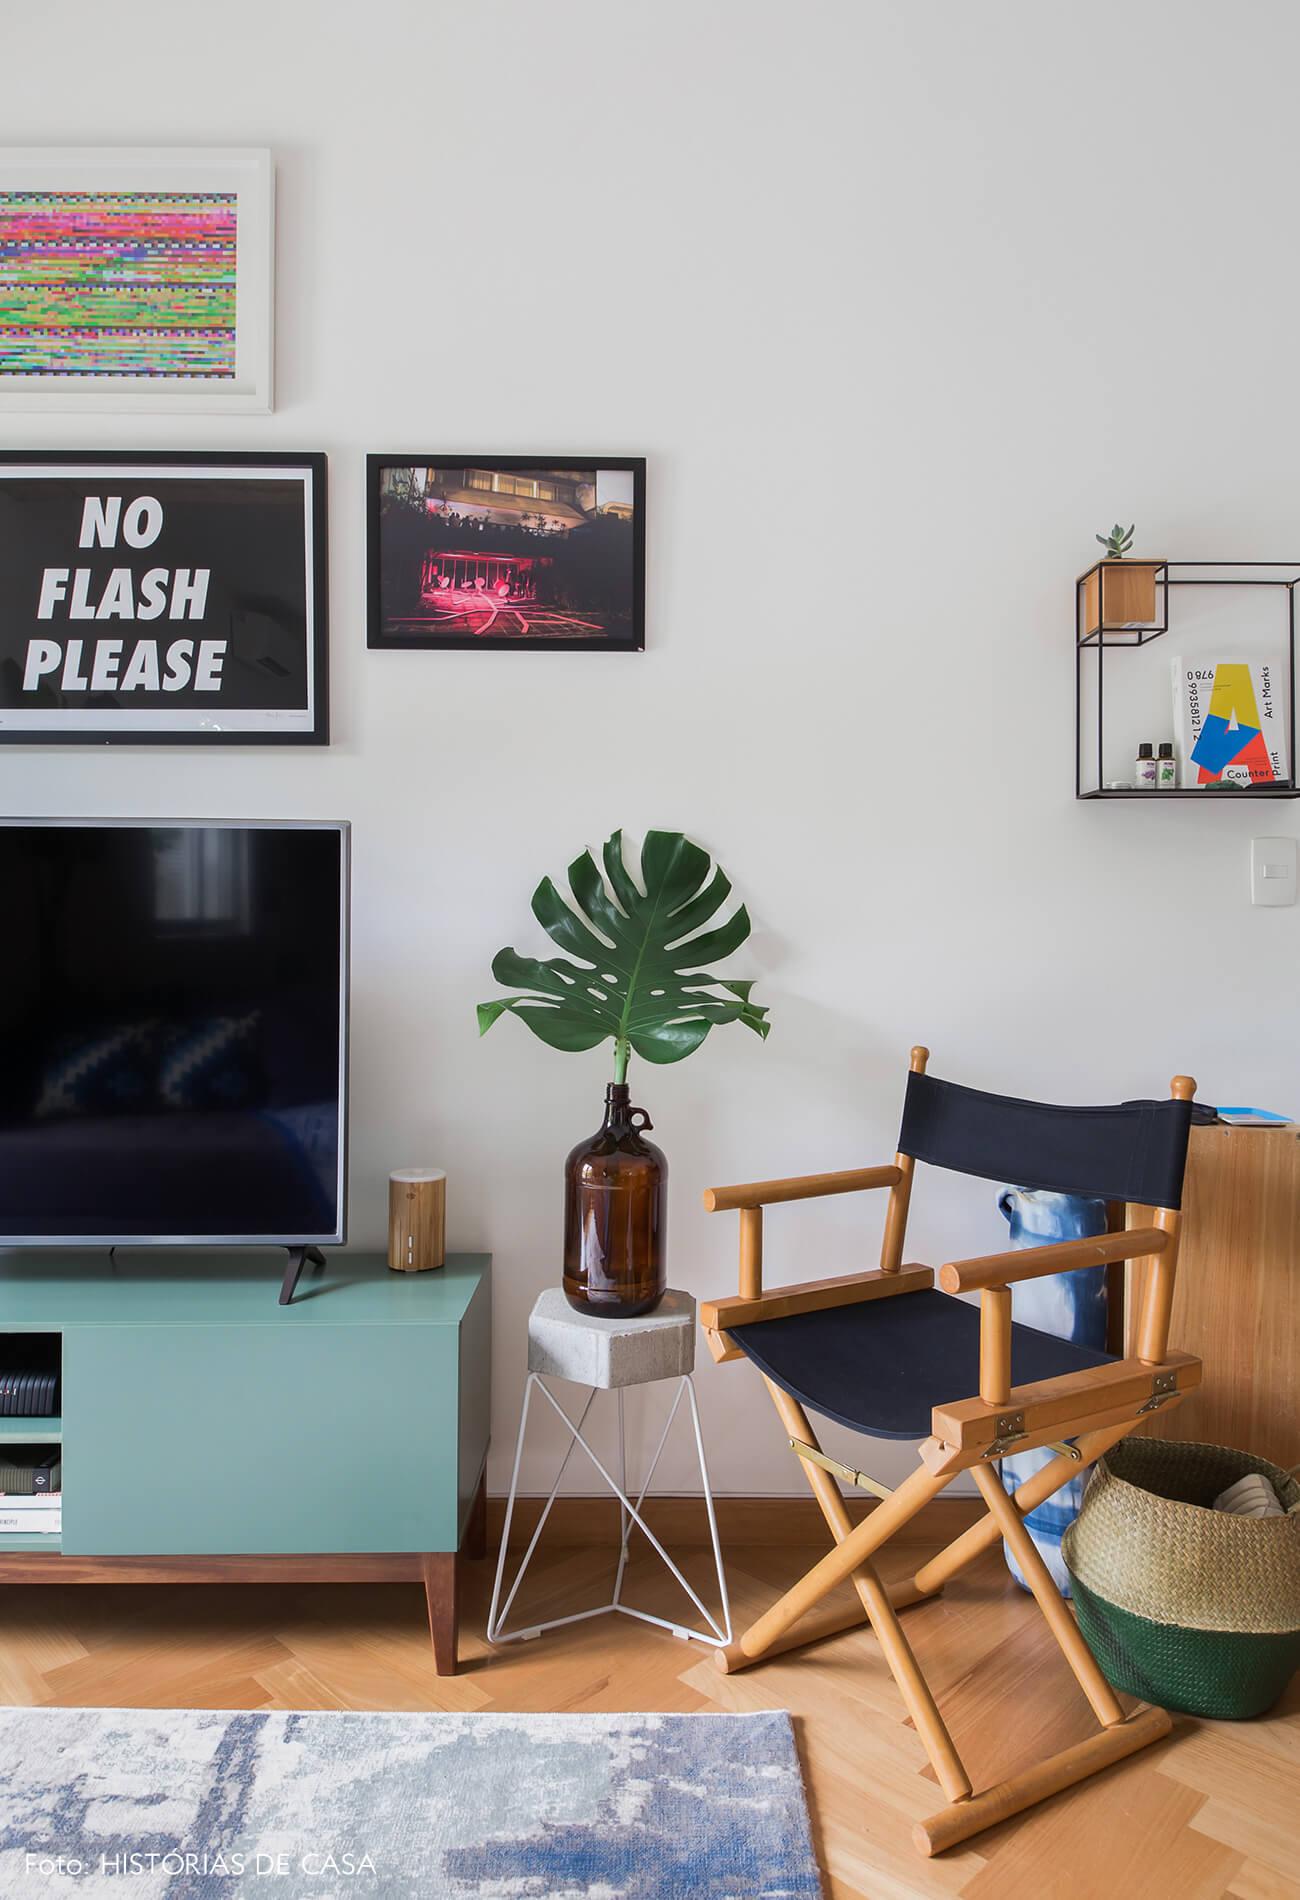 Apartamento alugado com decoração inspiradora, parede de quadros atrás da televisão e cadeira diretor